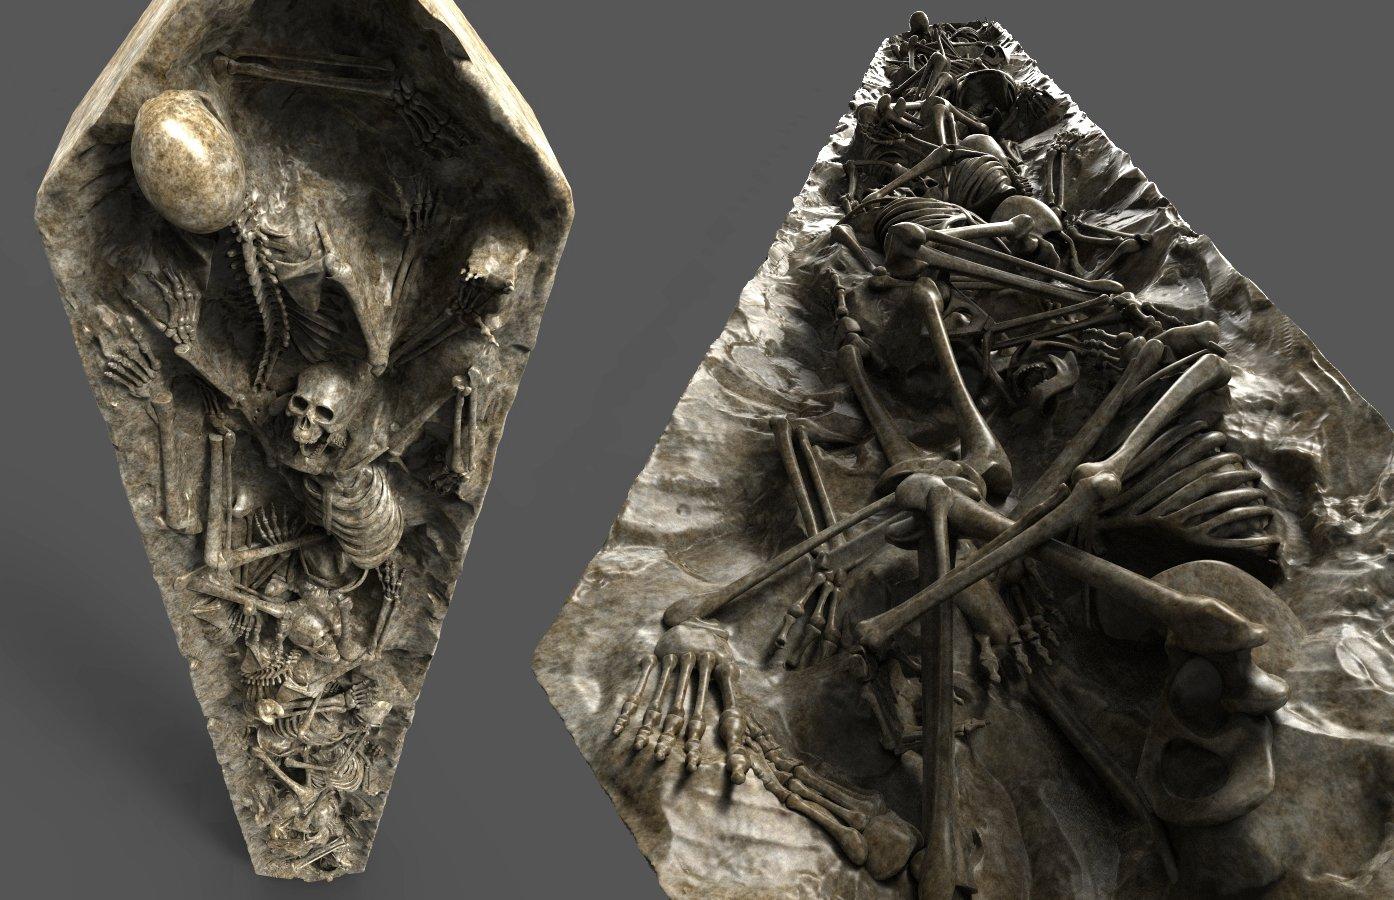 Cliff schonewill skeletonwall 05